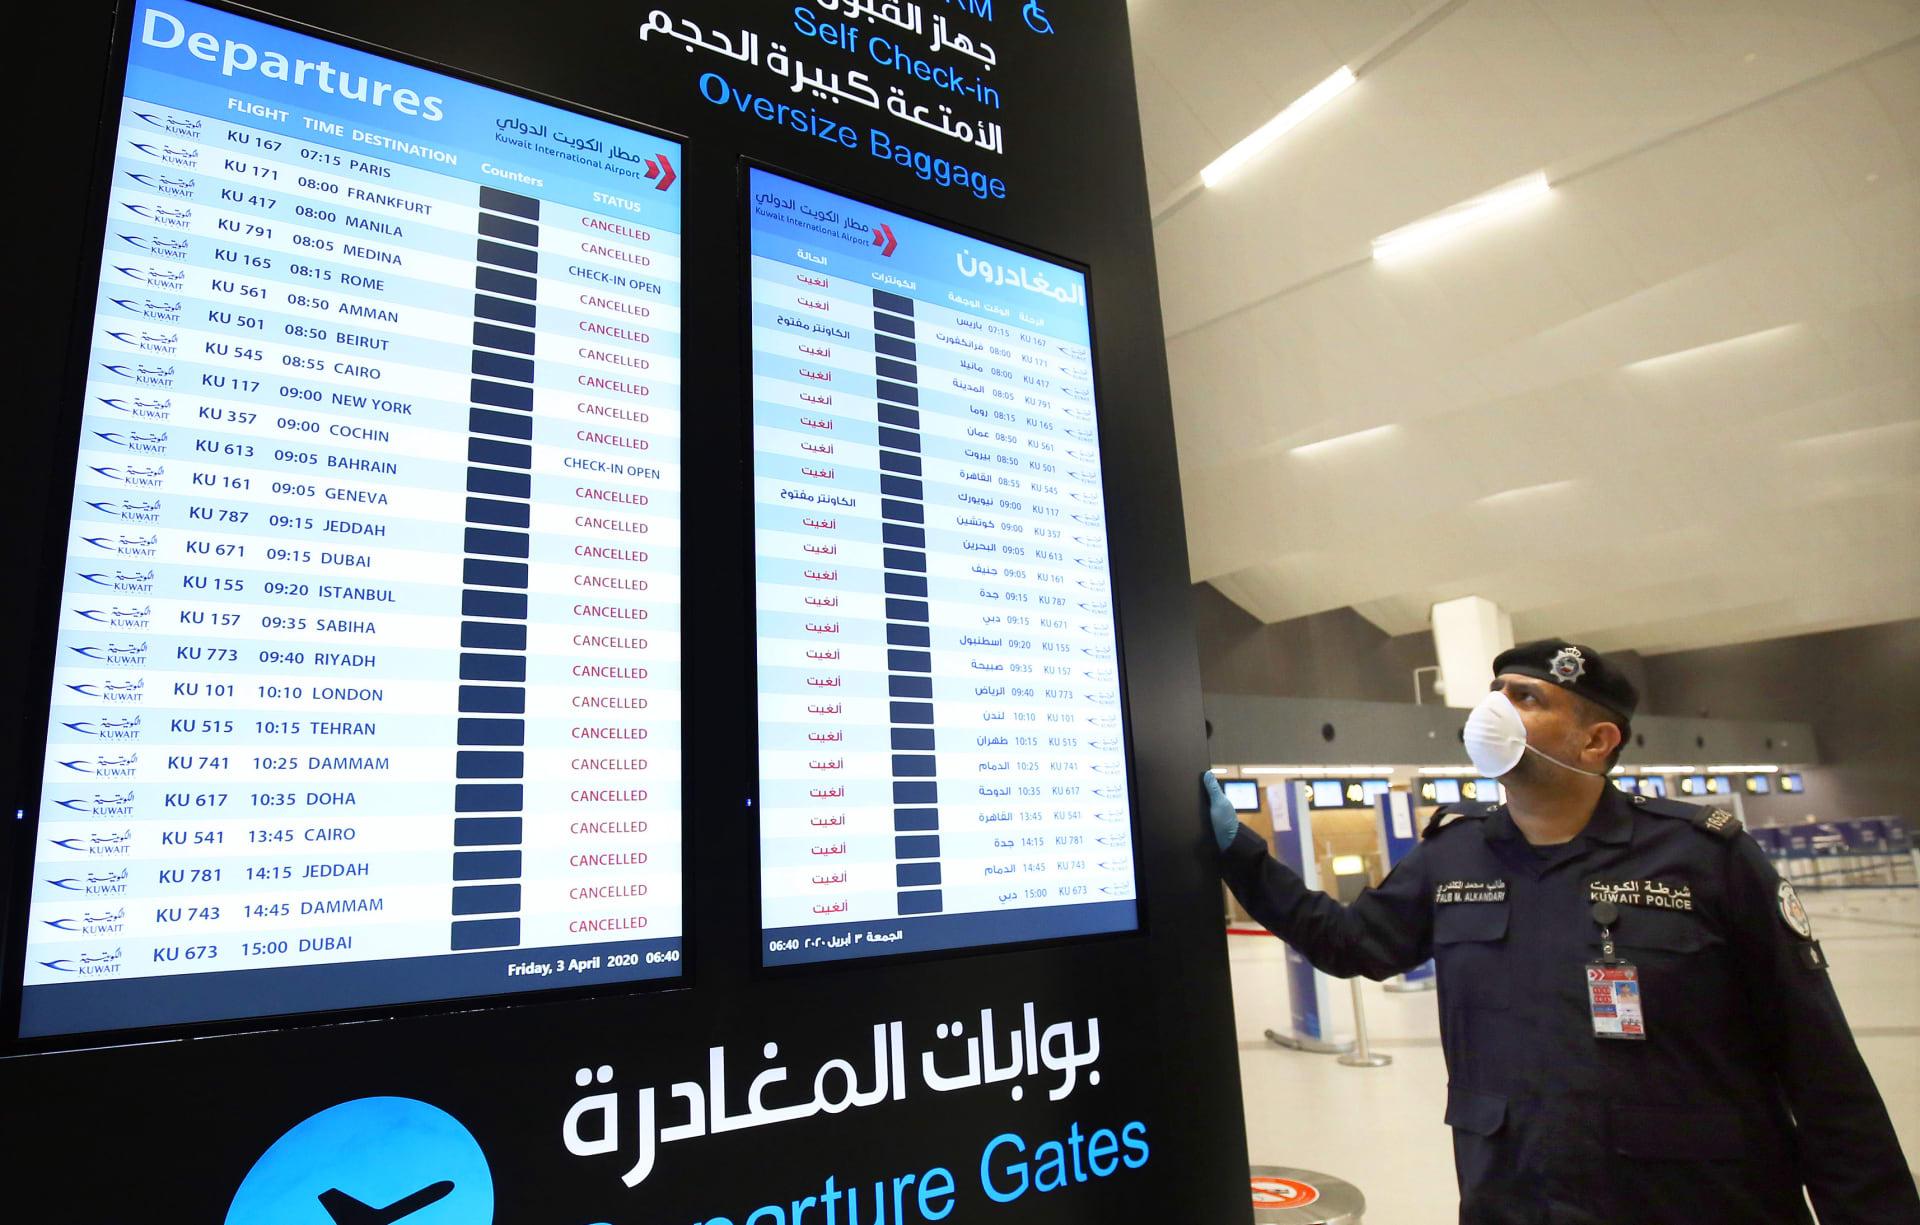 """الكويت تقرر منع مواطنيها """"غير المحصنين"""" من كورونا من السفر للخارج"""